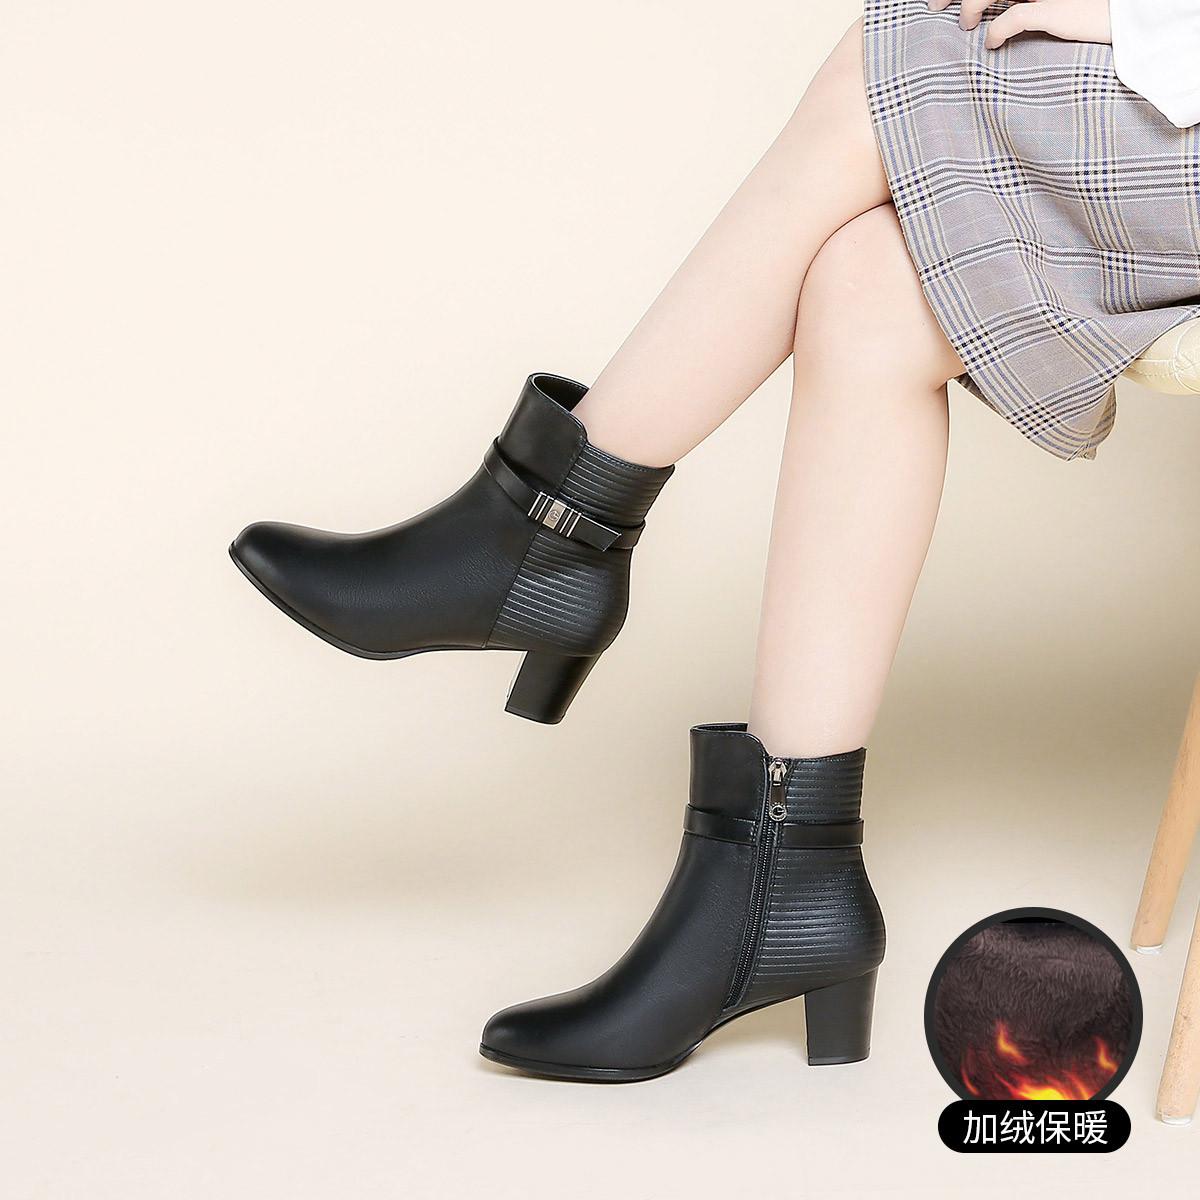 金利来冬季新款优雅保暖绒里金属扣女鞋牛皮秋冬女短靴61594012501R